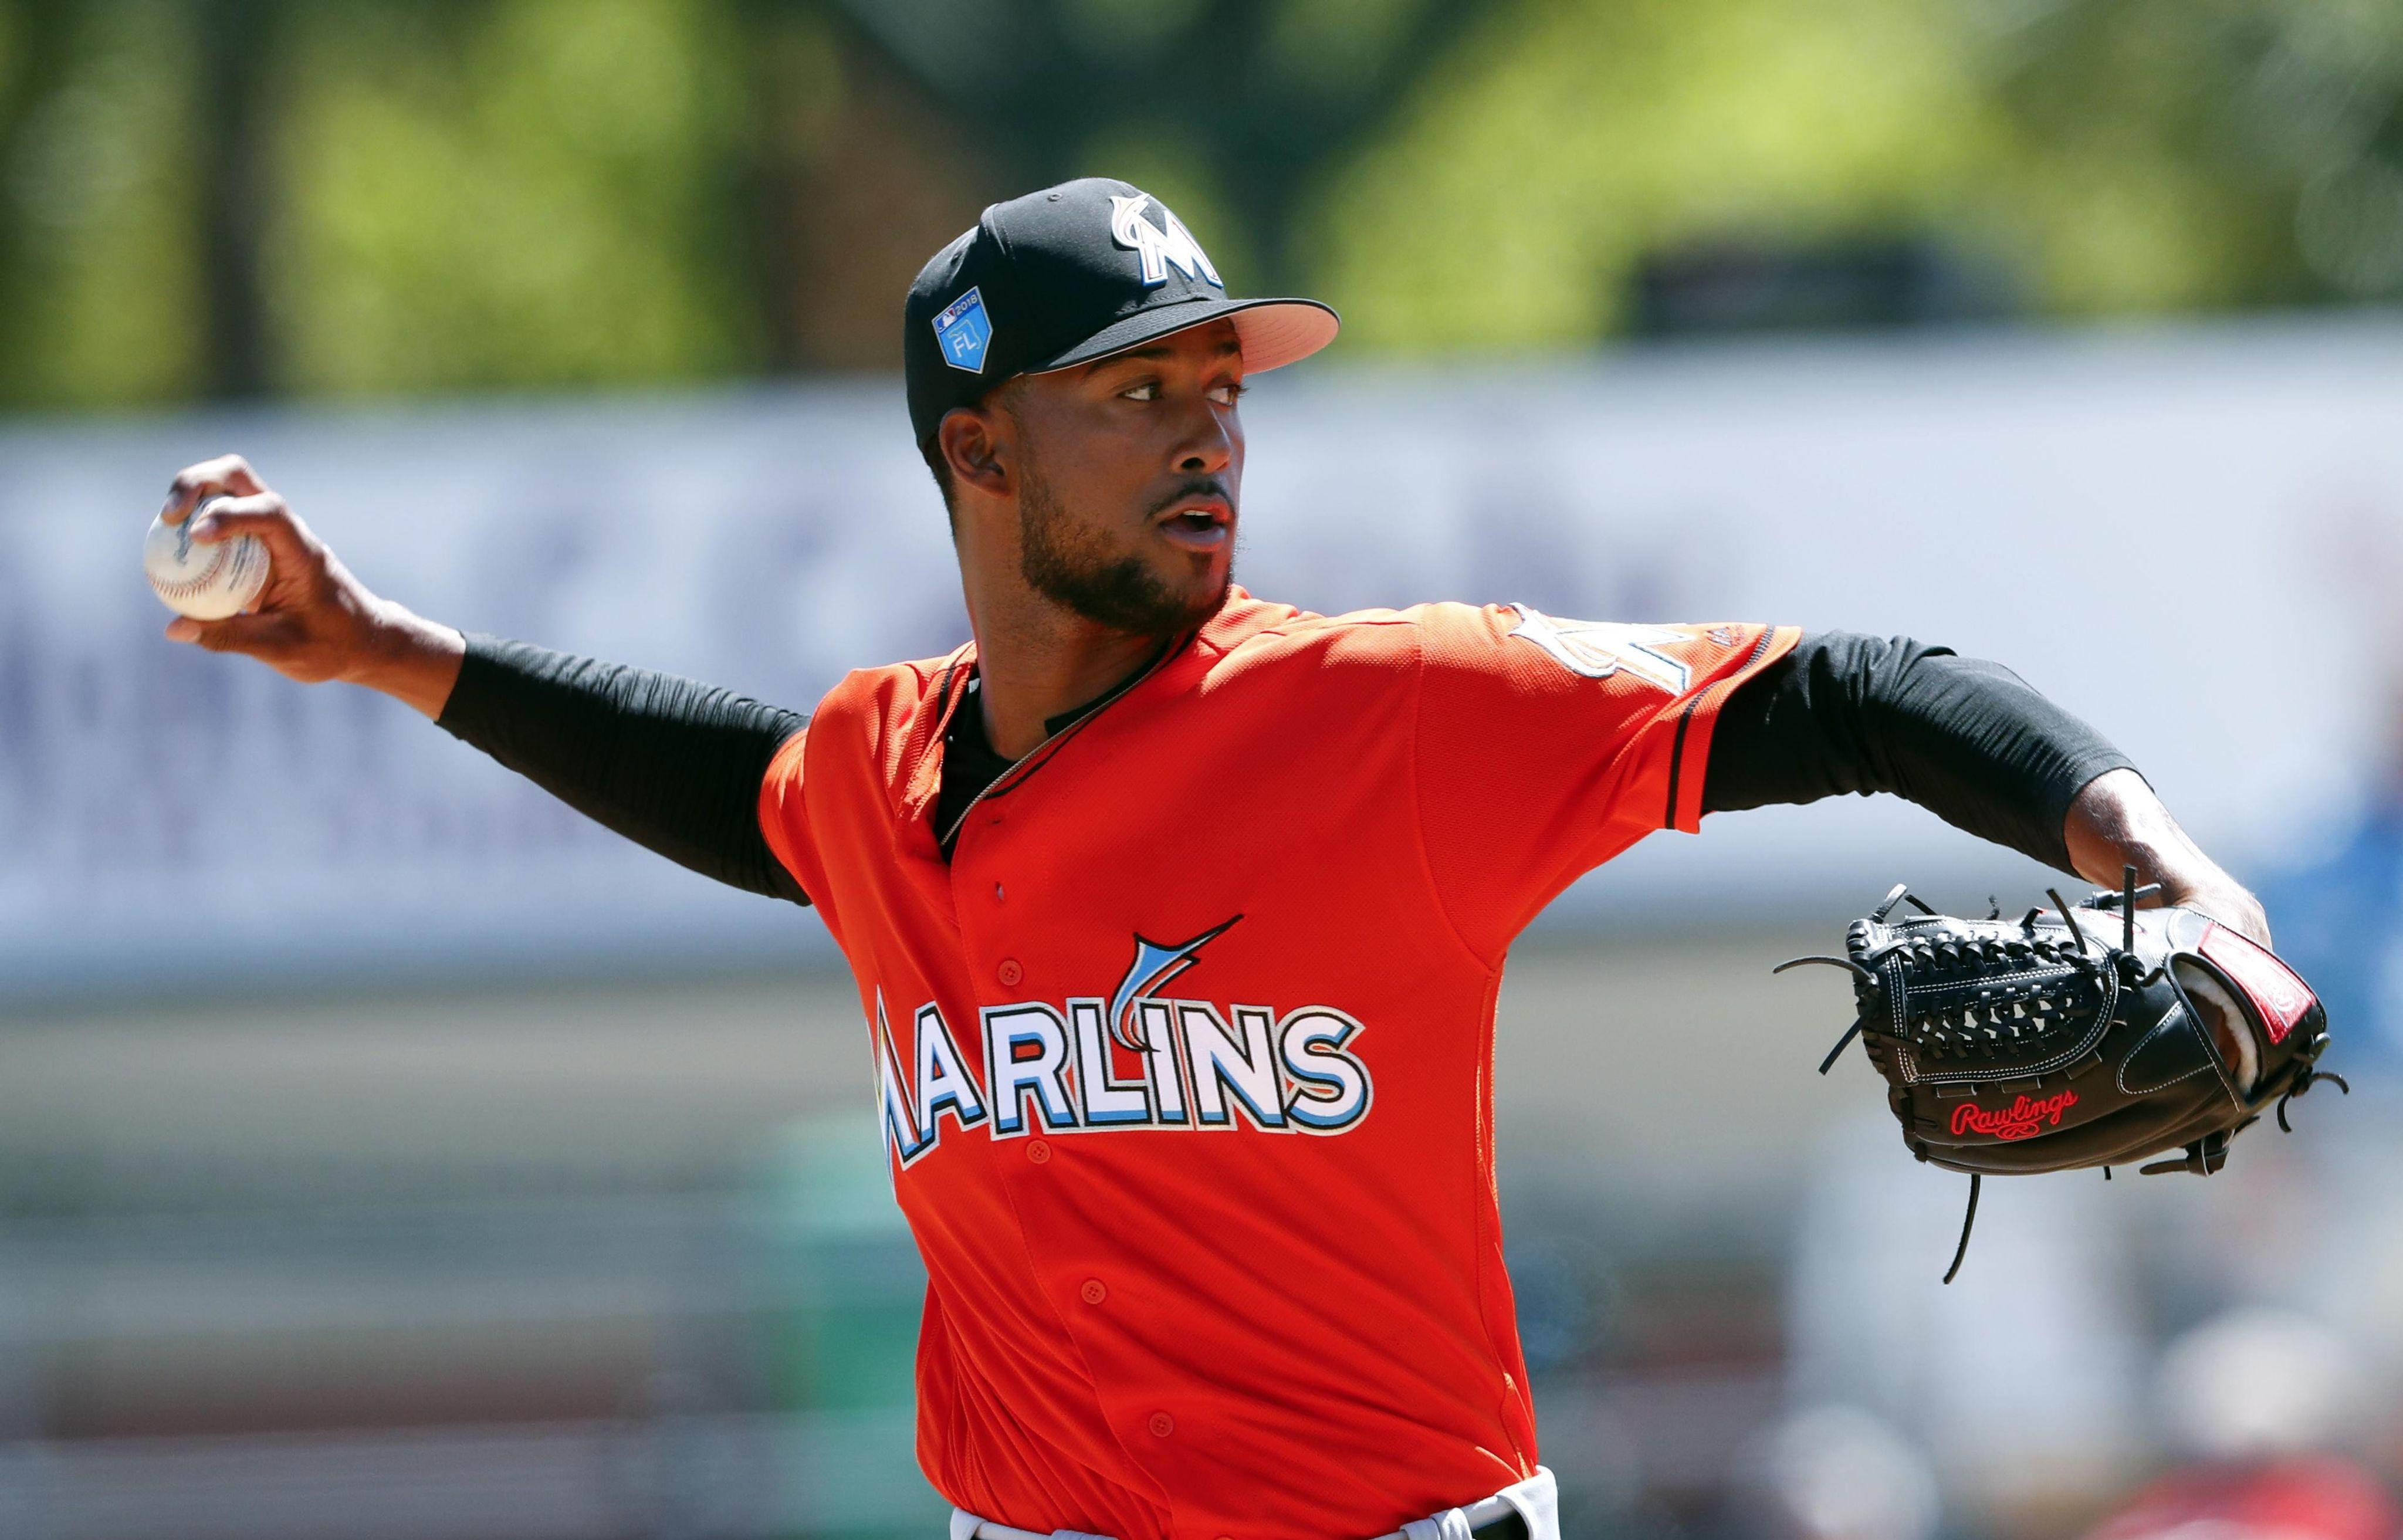 Marlins_cardinals_spring_baseball_20086_s4096x2625